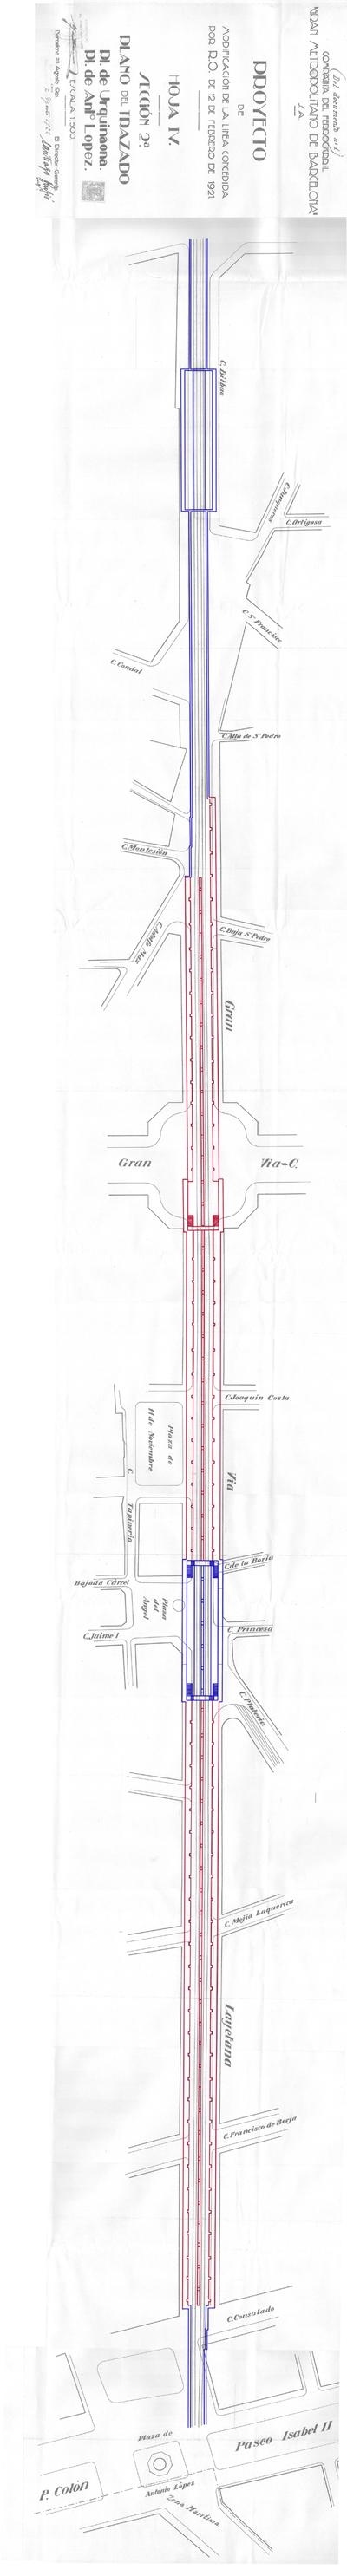 Trazado de la Línea II entre la plaza Urquinaona y la plaza de Antonio Lopez y aprovechamiento de los túneles de La Reforma. En el plano aparece en color rojo la obra realizada por el ayuntamiento, y en color azul la obra a realizar por la compañía, apreciándose la inutilidad de la estación inacabada en el cruce de la Vía Layetana y la Gran Vïa C de La Reforma. Fuente: AGA.